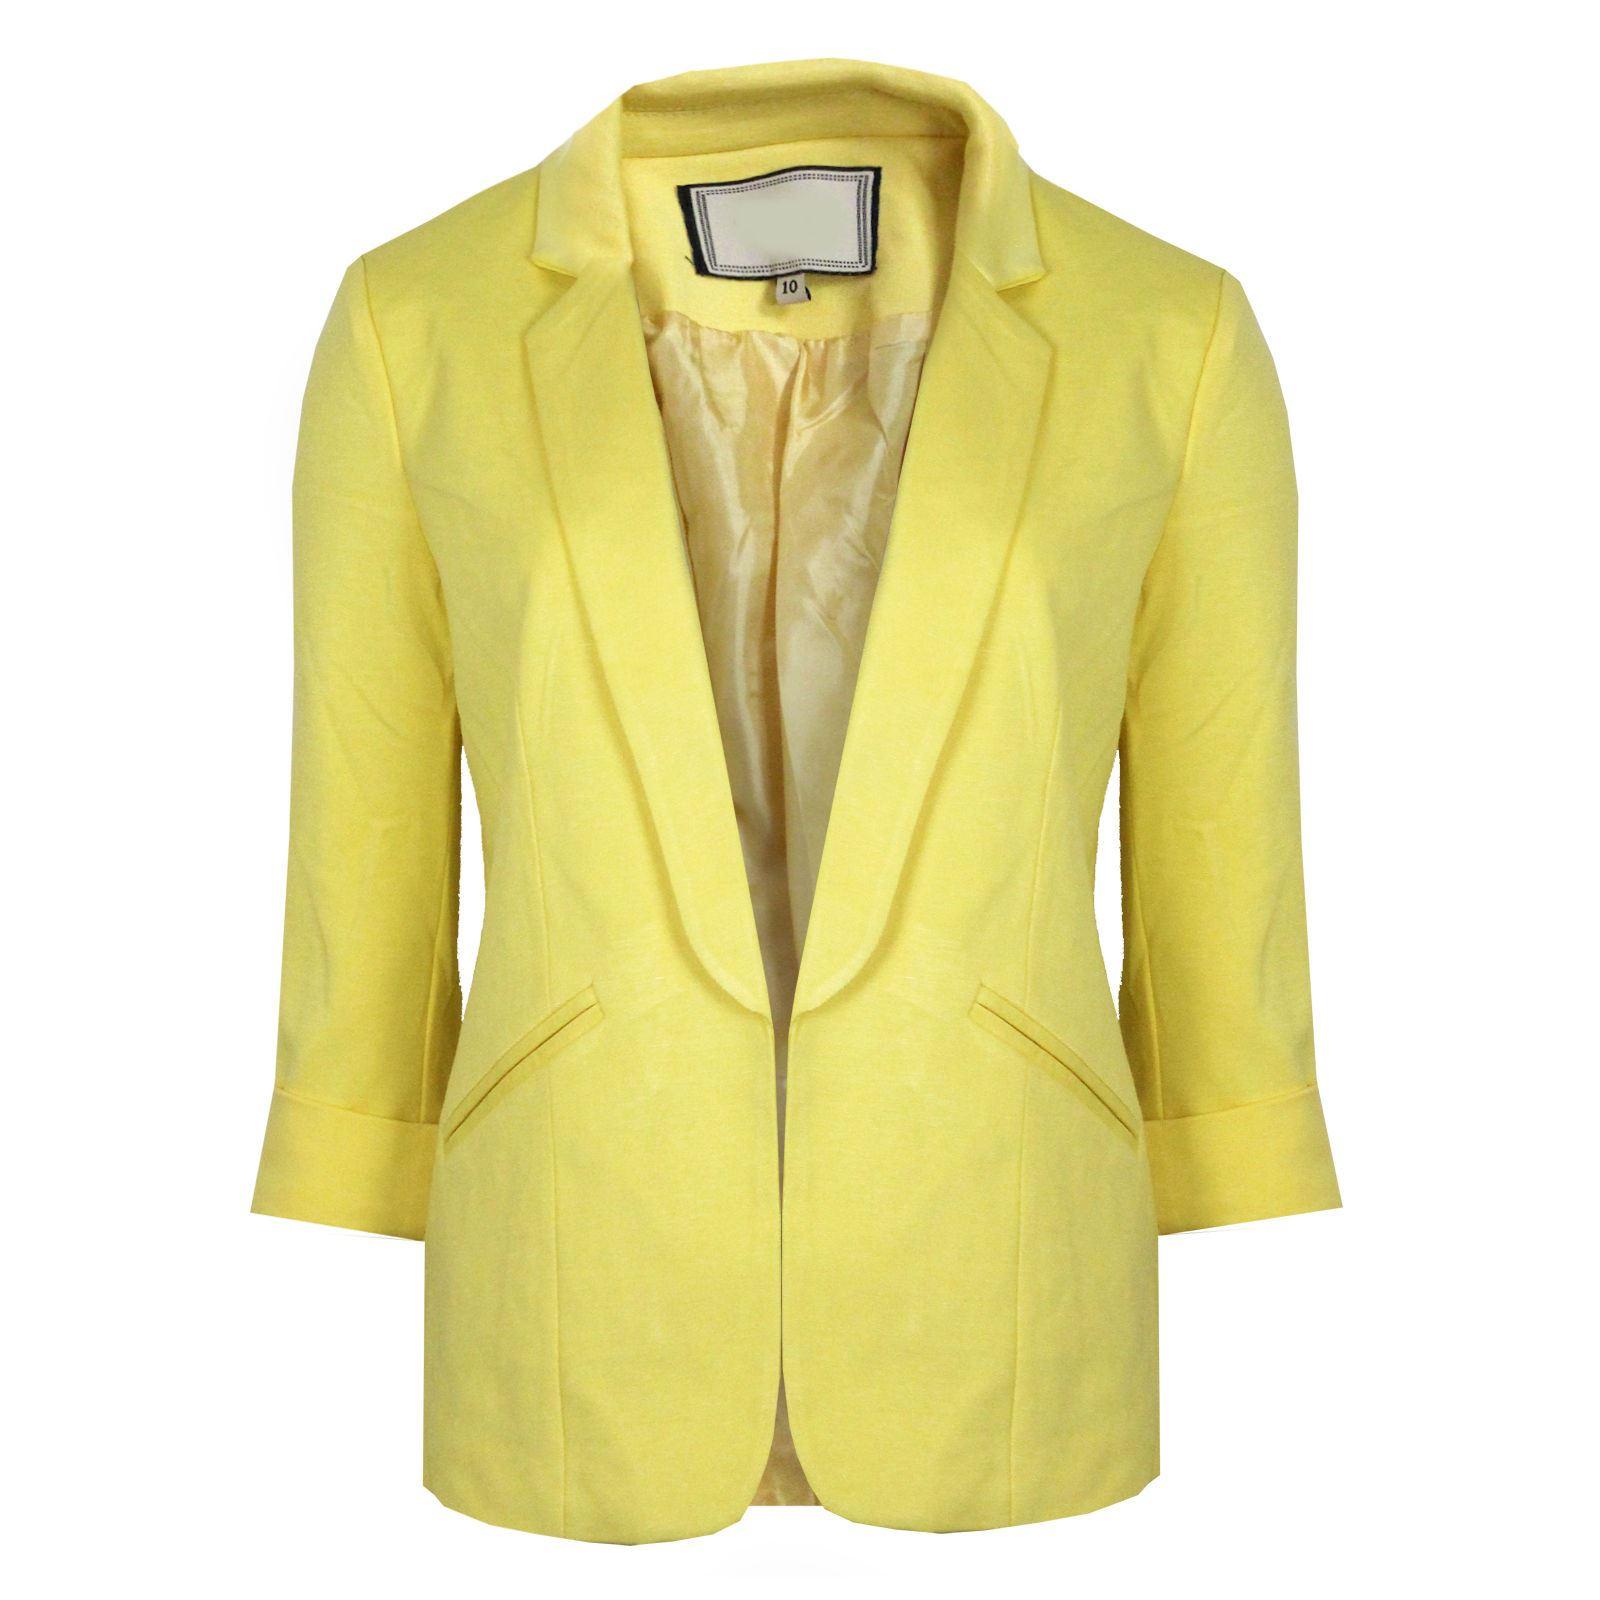 Diferencias entre blazer, chaqueta y americana ¿Quién es quién?